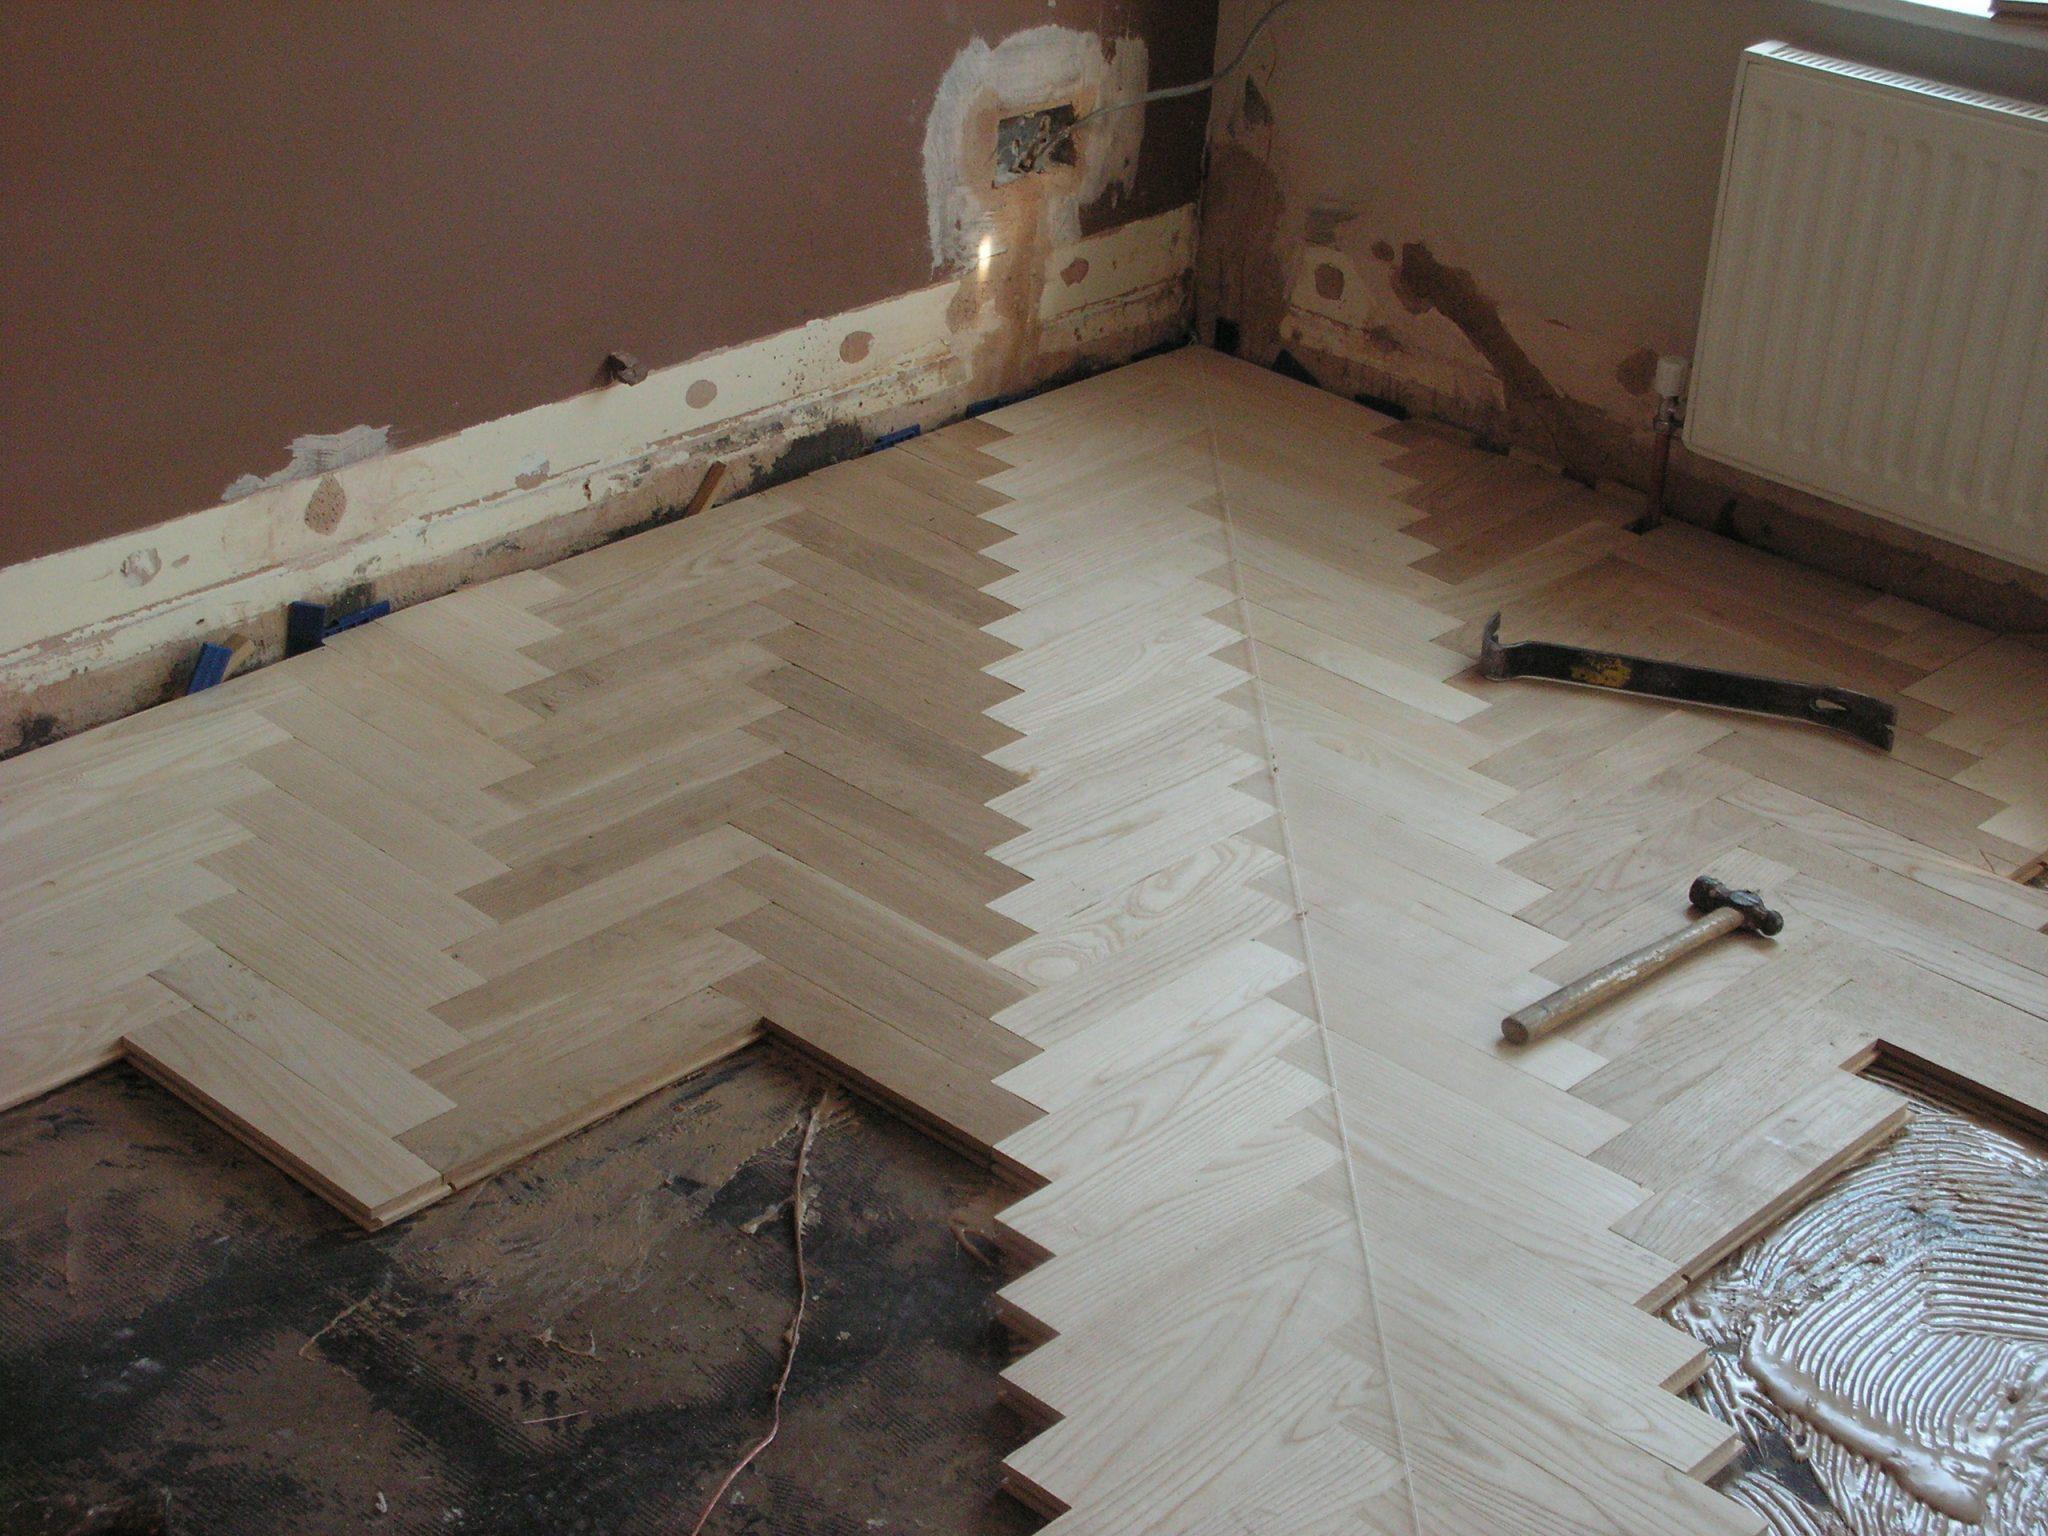 PICT0431 - Flooring